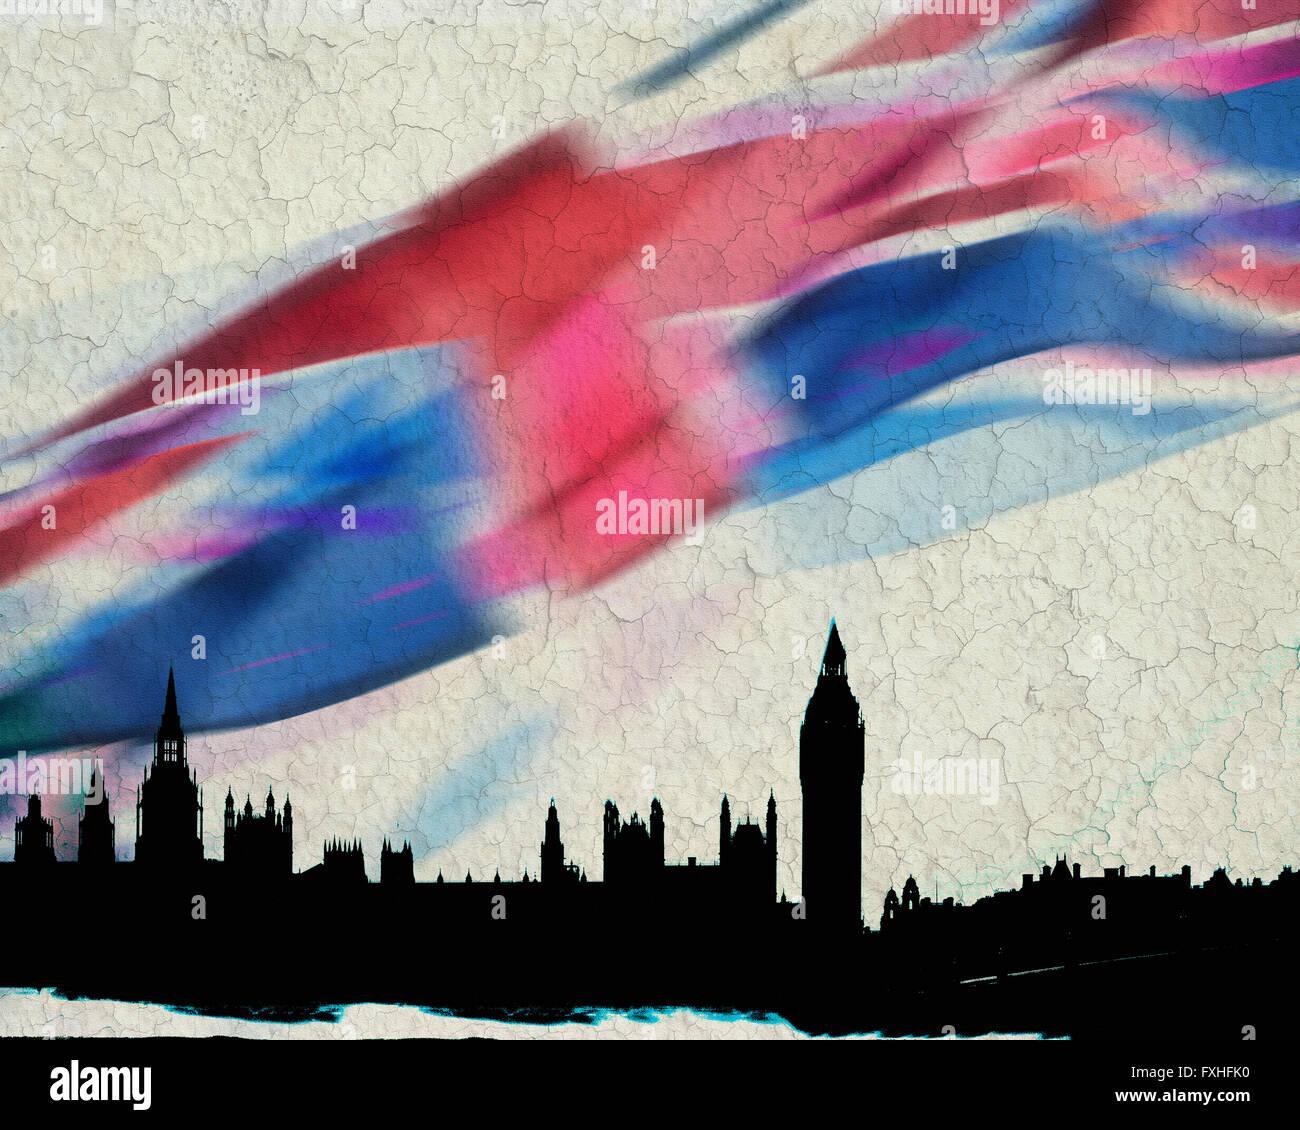 Arte Digital: Londres Imagen De Stock